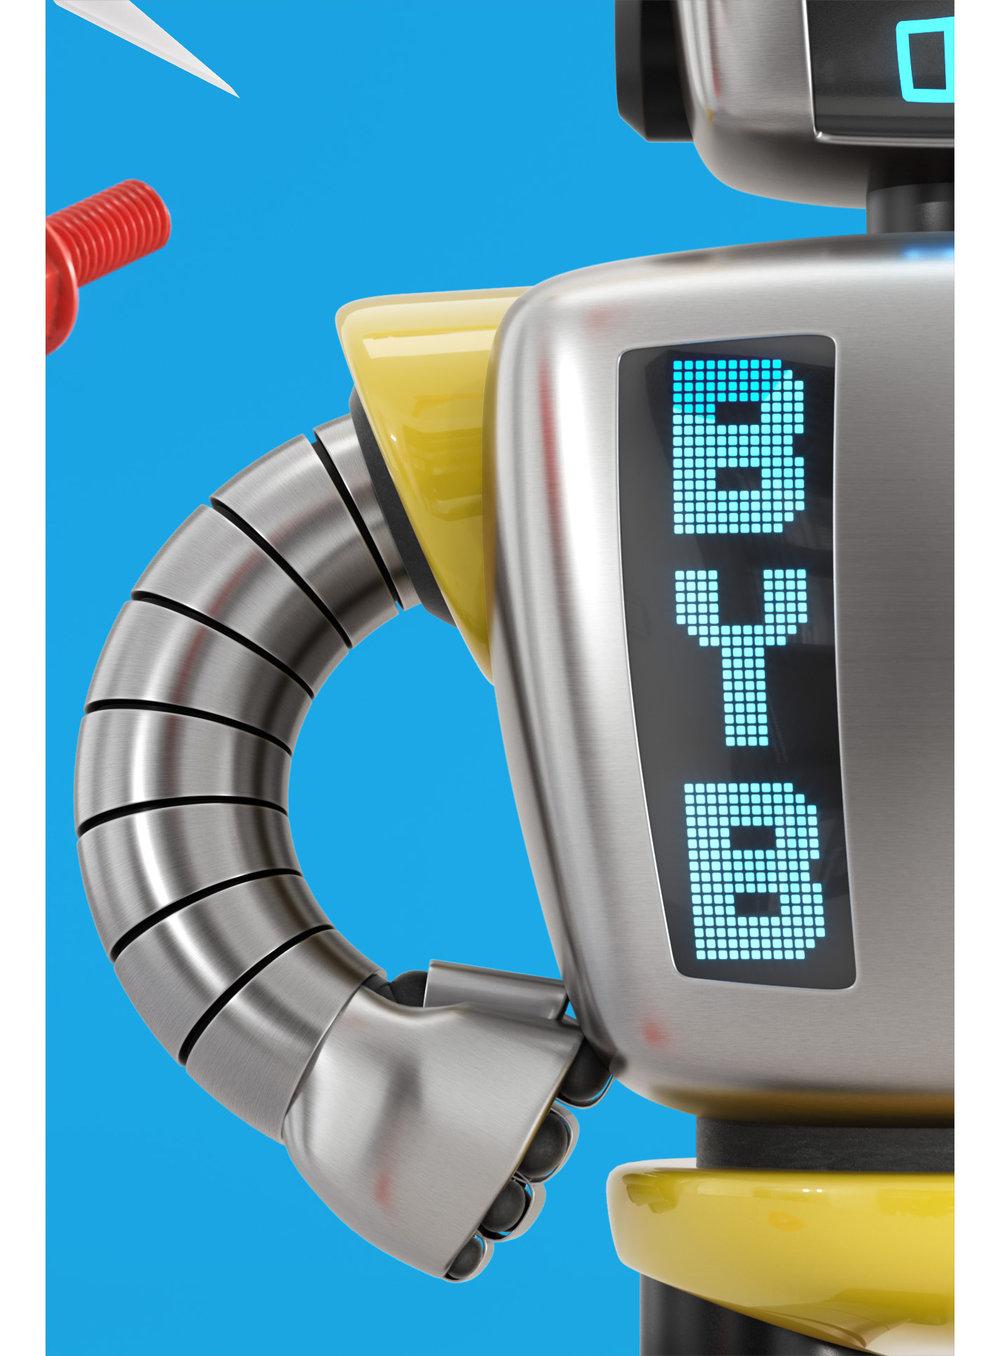 robot_crop_2.jpg